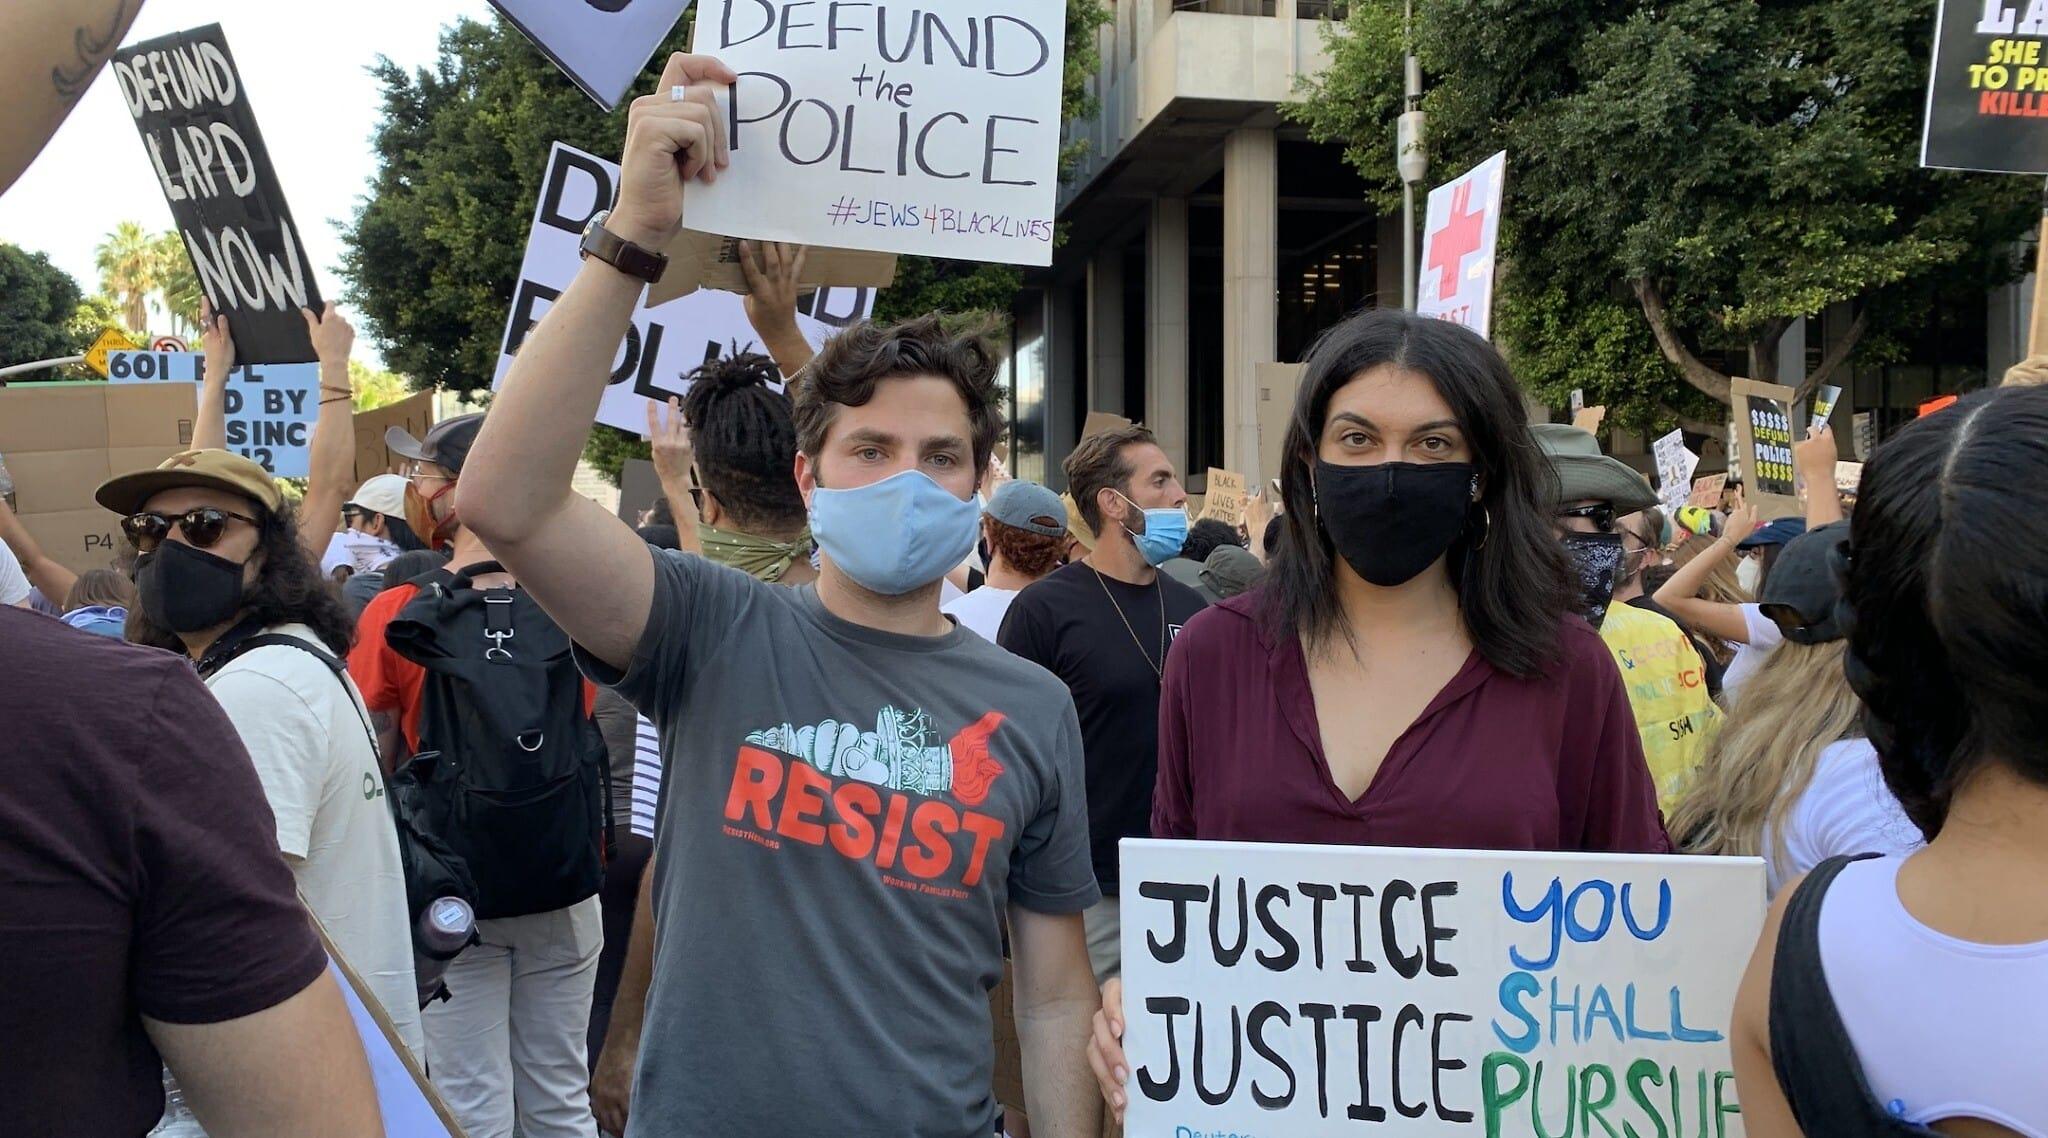 הפגנת מחאה של יהודים בעקבות מותו של ג'ורג' פלויד, יוני 2020 (צילום: Courtesy of Sumekh, via JTA)